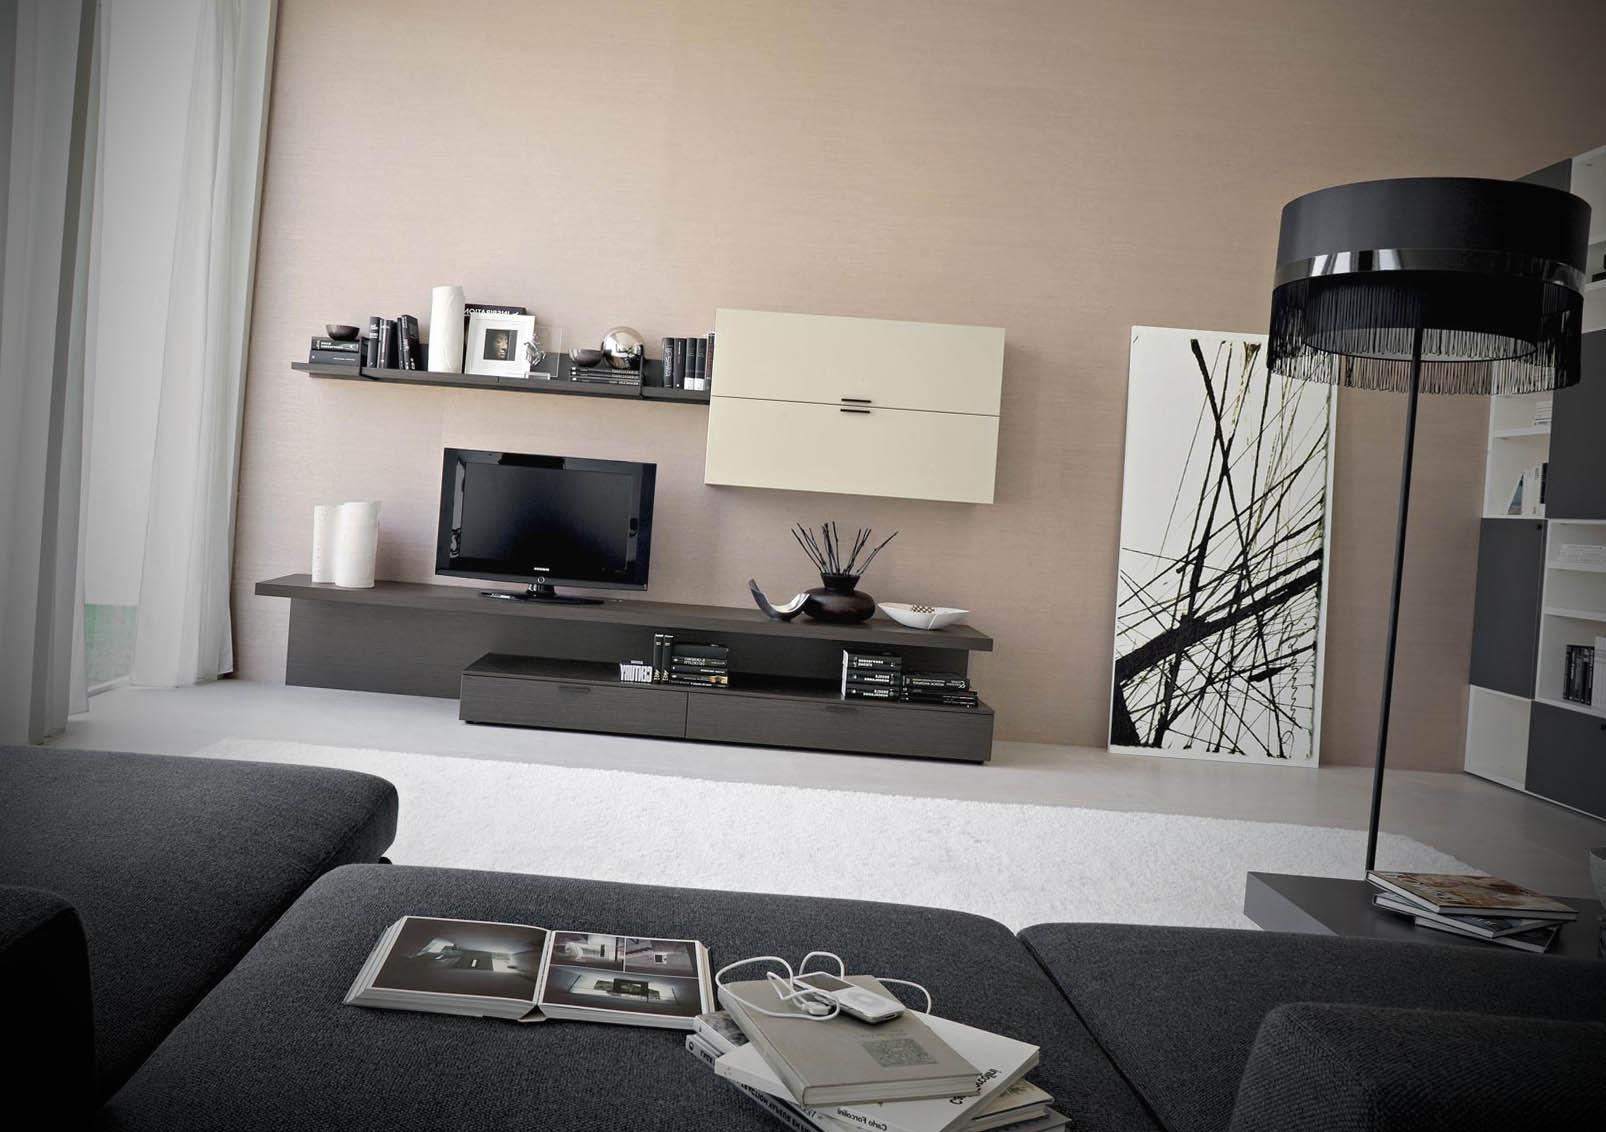 Dicas de decoração de salas de estar moderna #7A6651 1606x1132